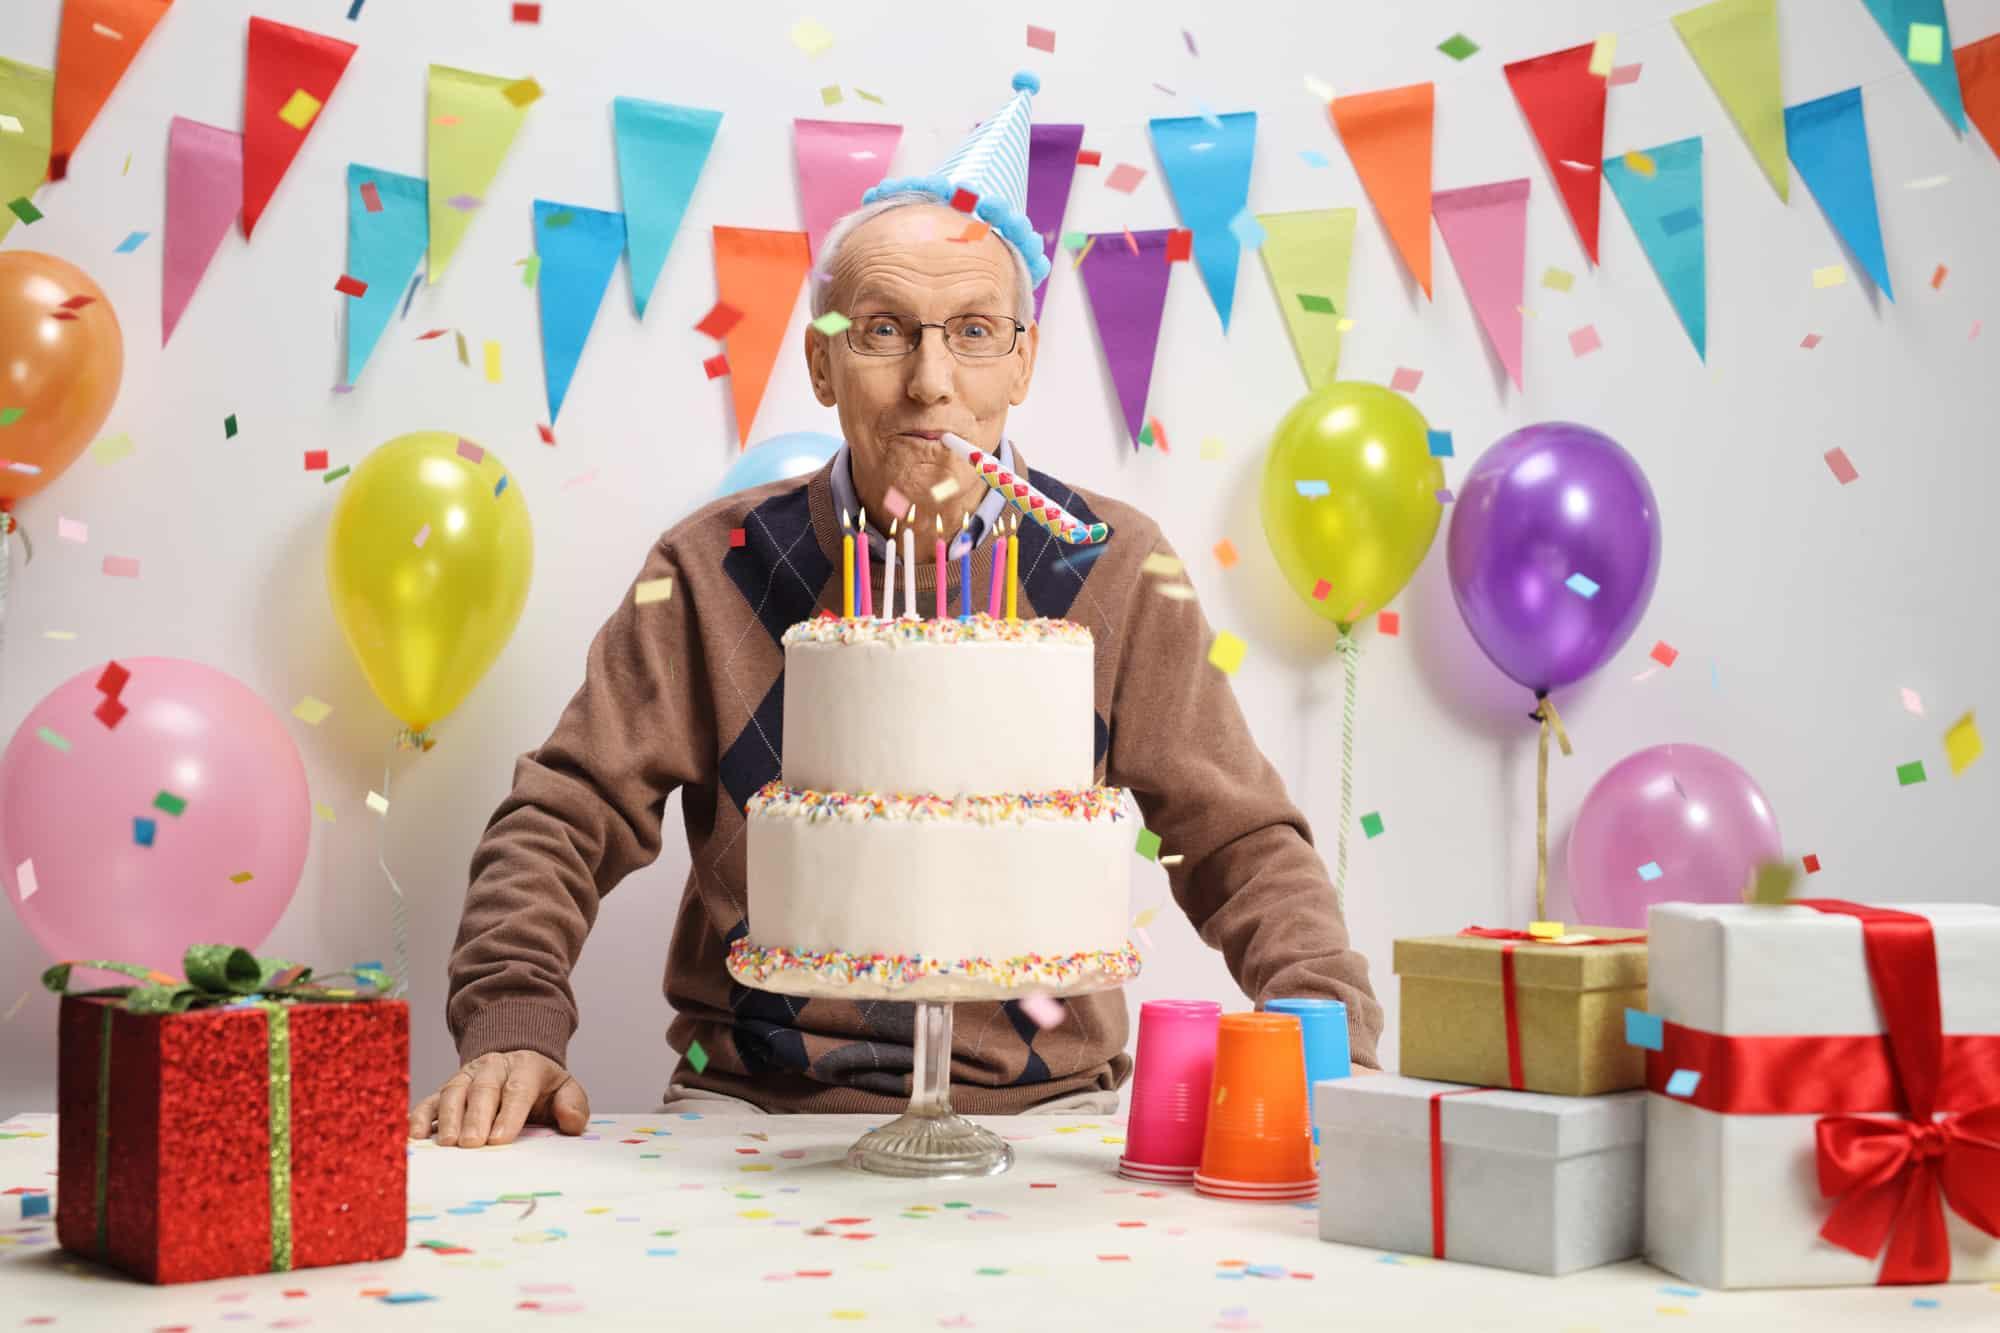 Gratulieren mutter geburtstag freundin von zum Geburtstagssprüche für